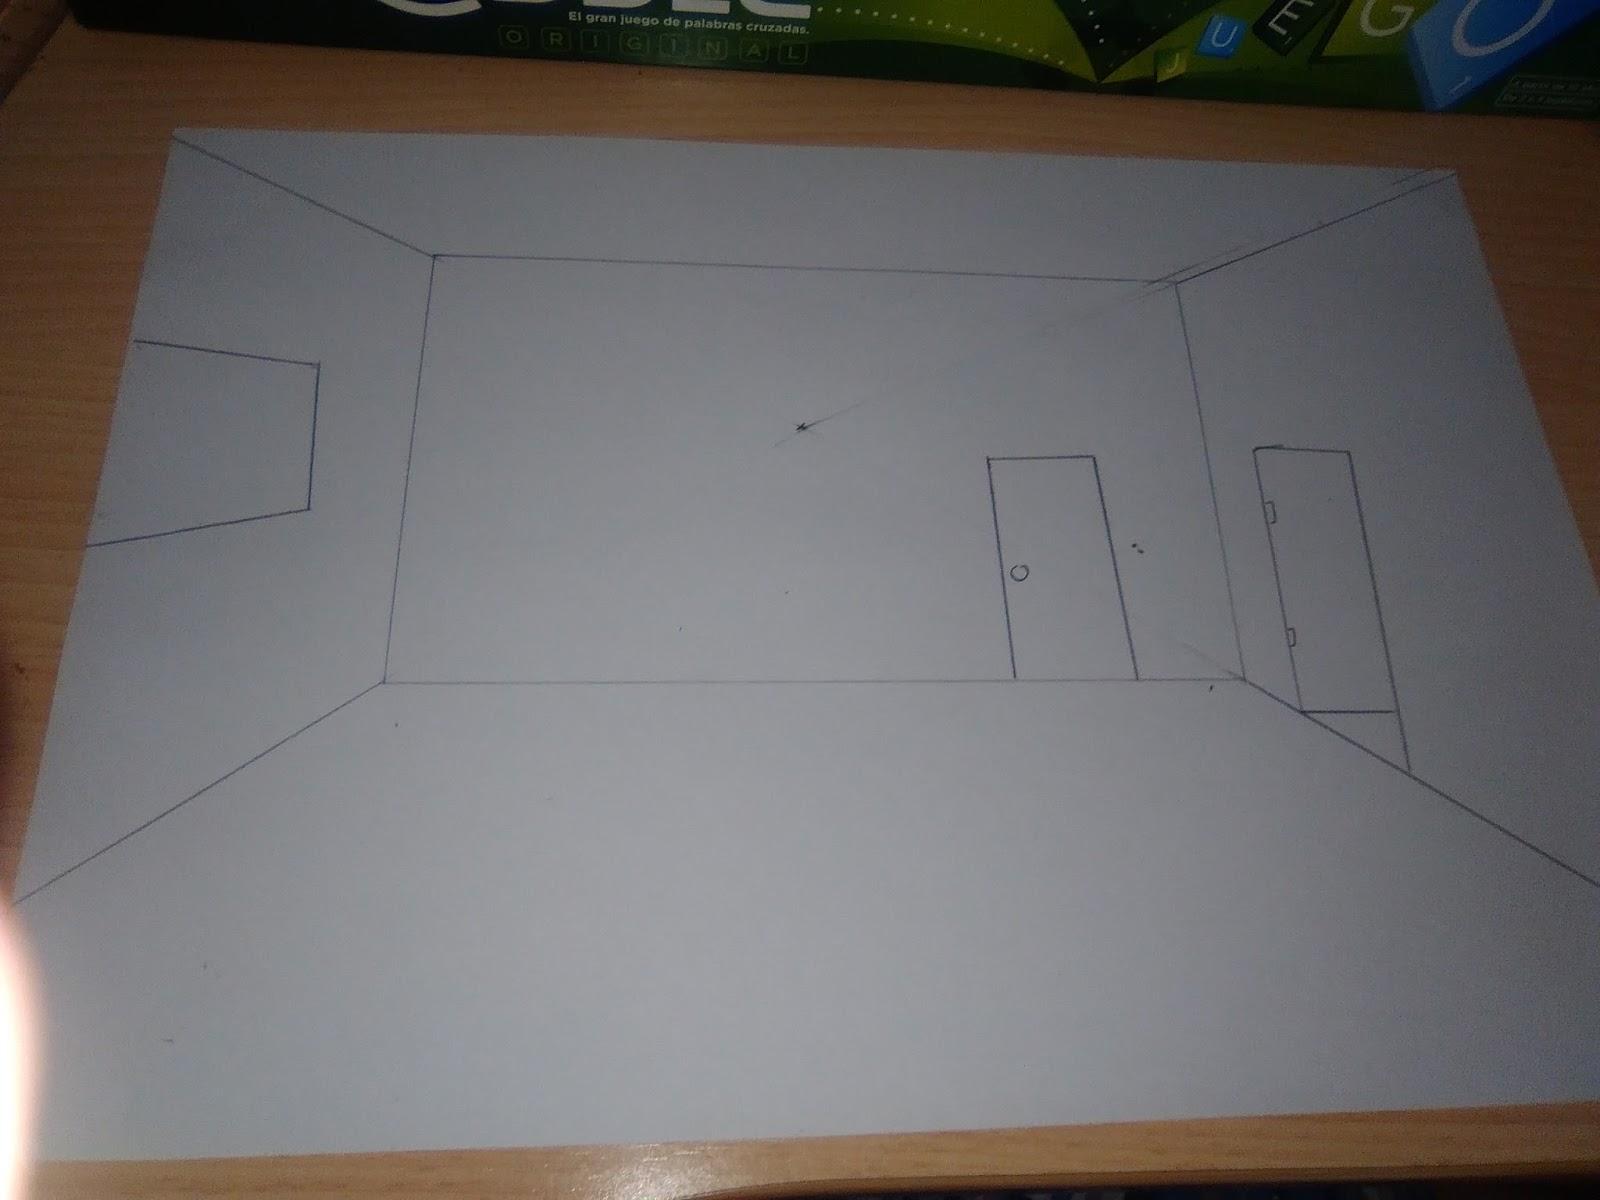 Dibujos De Aleix Como Dibujar La Perspectiva De Una Habitaci N  # Muebles Punto Paso